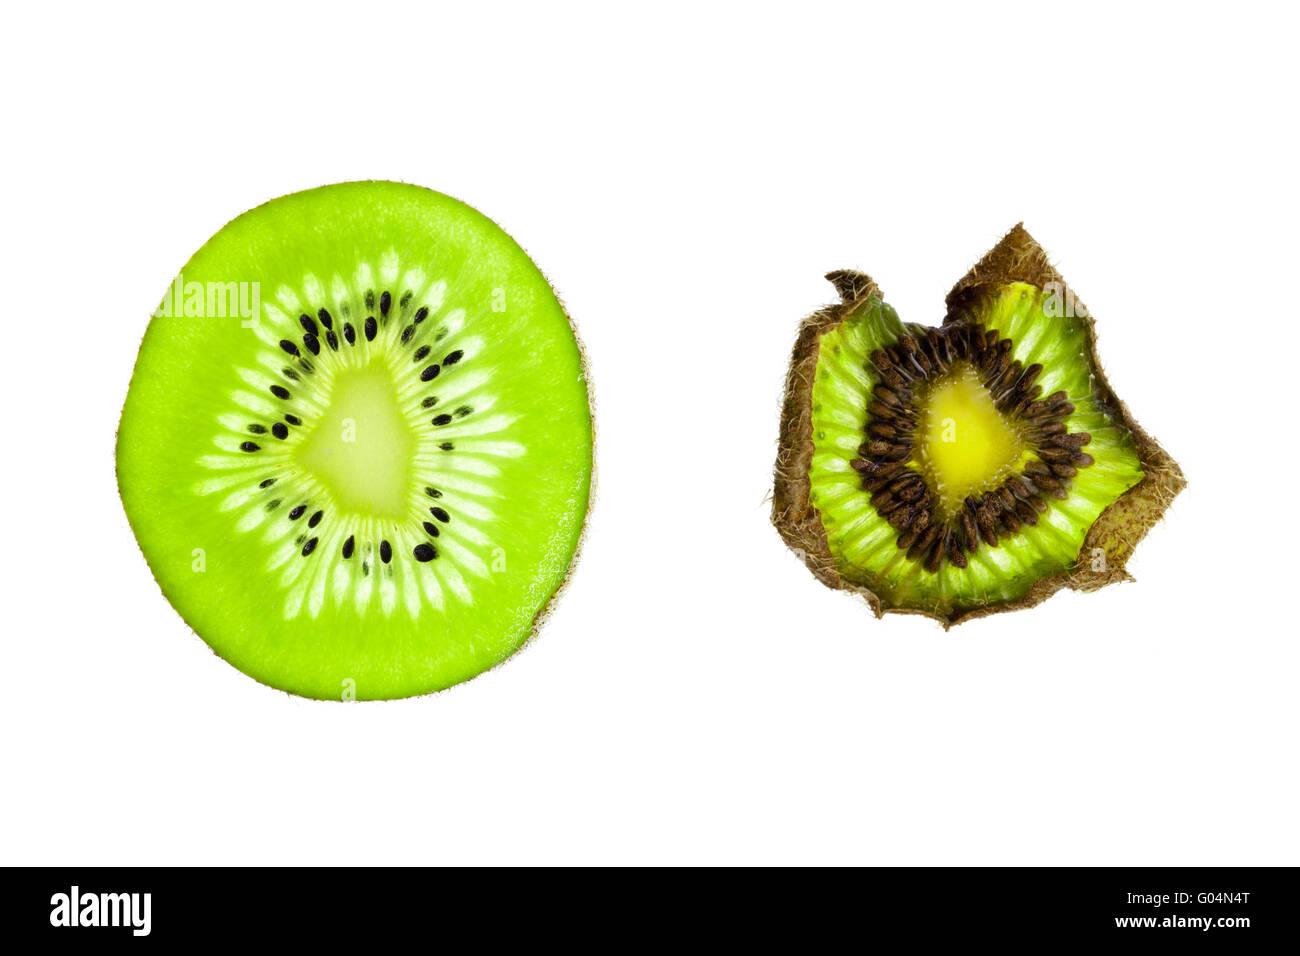 Senescence of a kiwi fruit slice - Stock Image